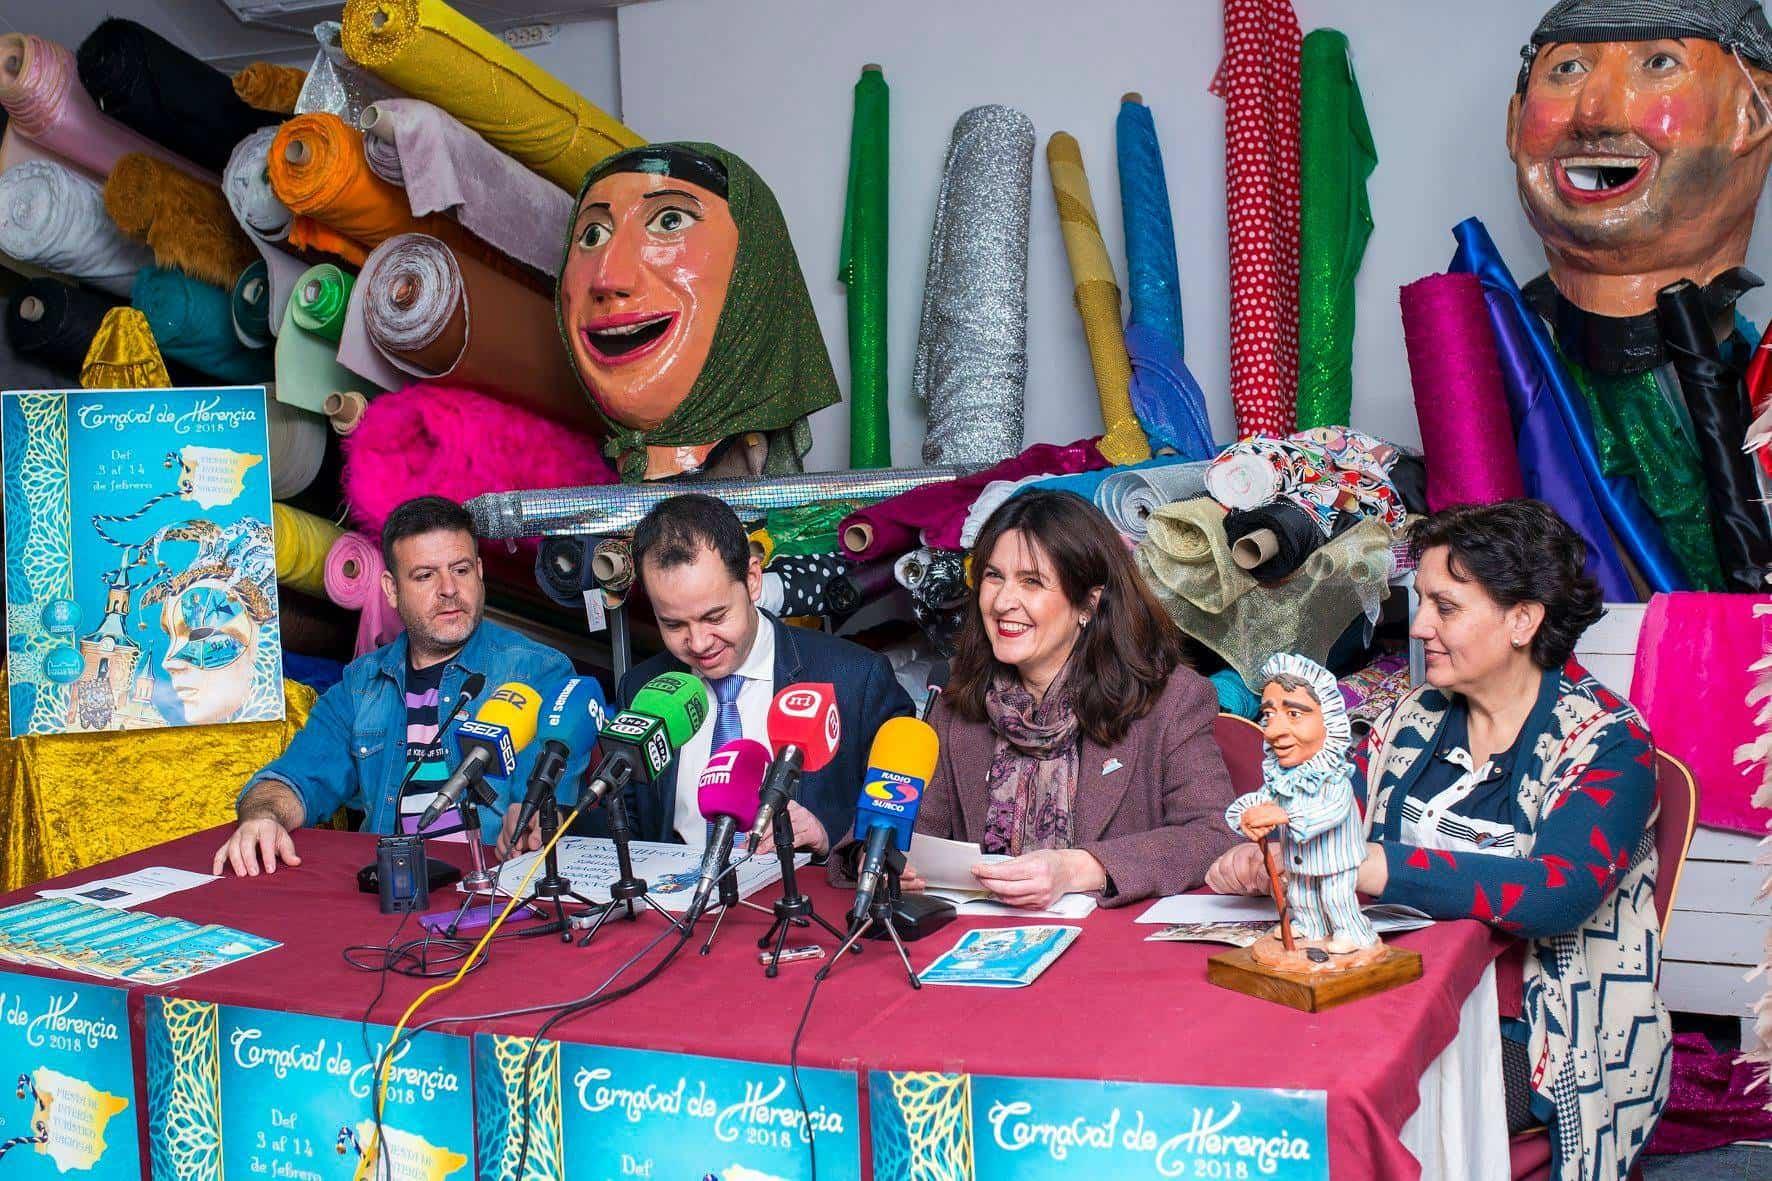 presentacion pregonero carnaval herencia 2 - El cantante Manu Tenorio pregonero de nuestro Carnaval